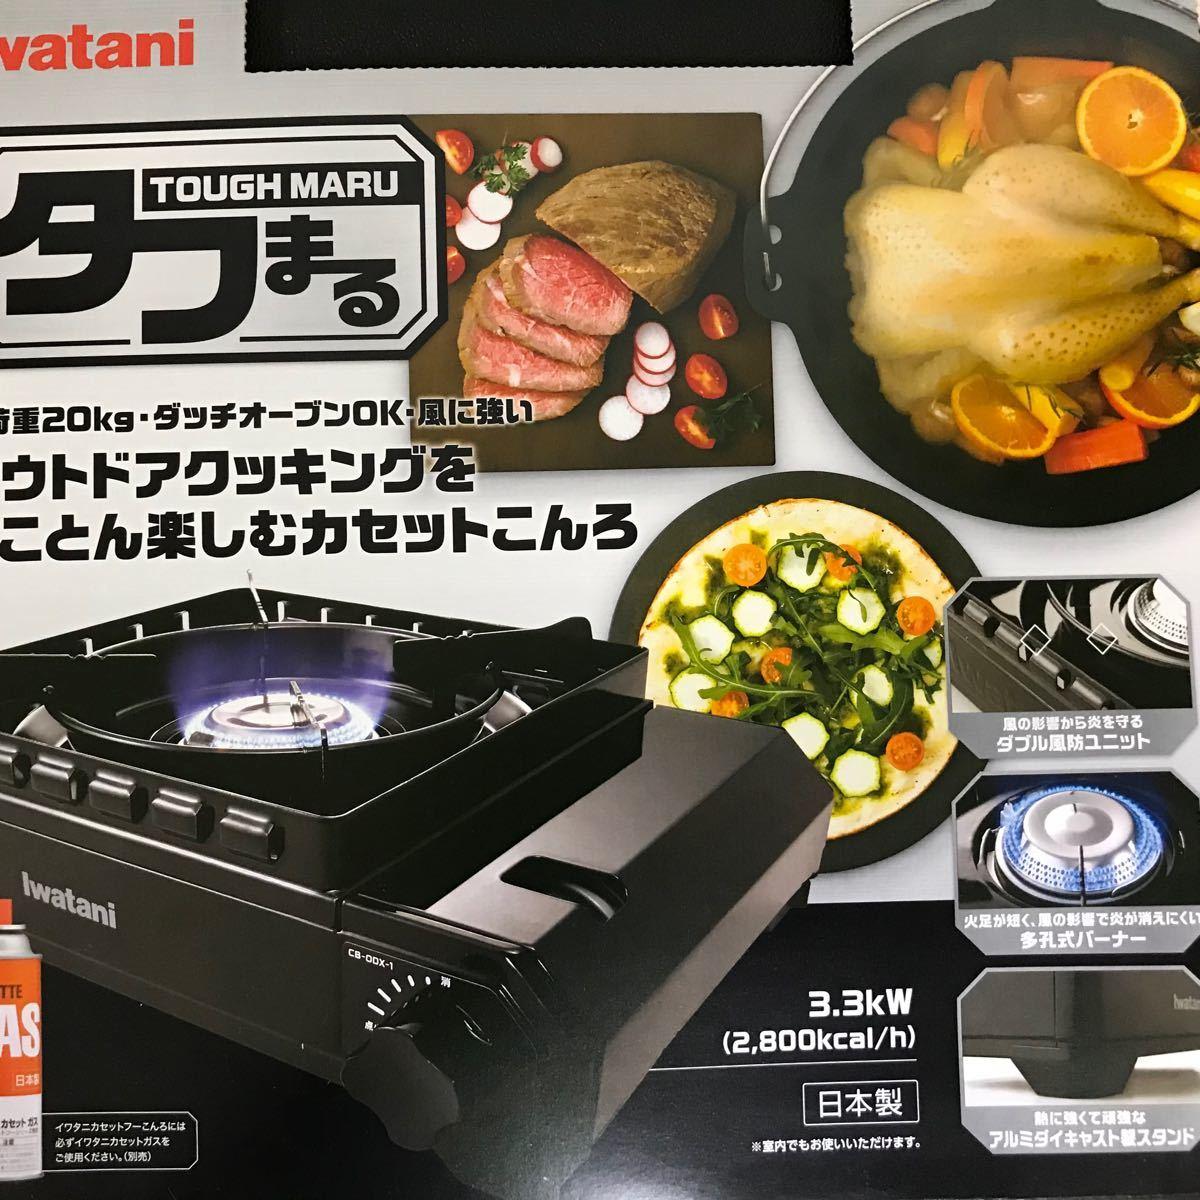 イワタニ カセットコンロ タフまる CB-ODX-1 新品未開封